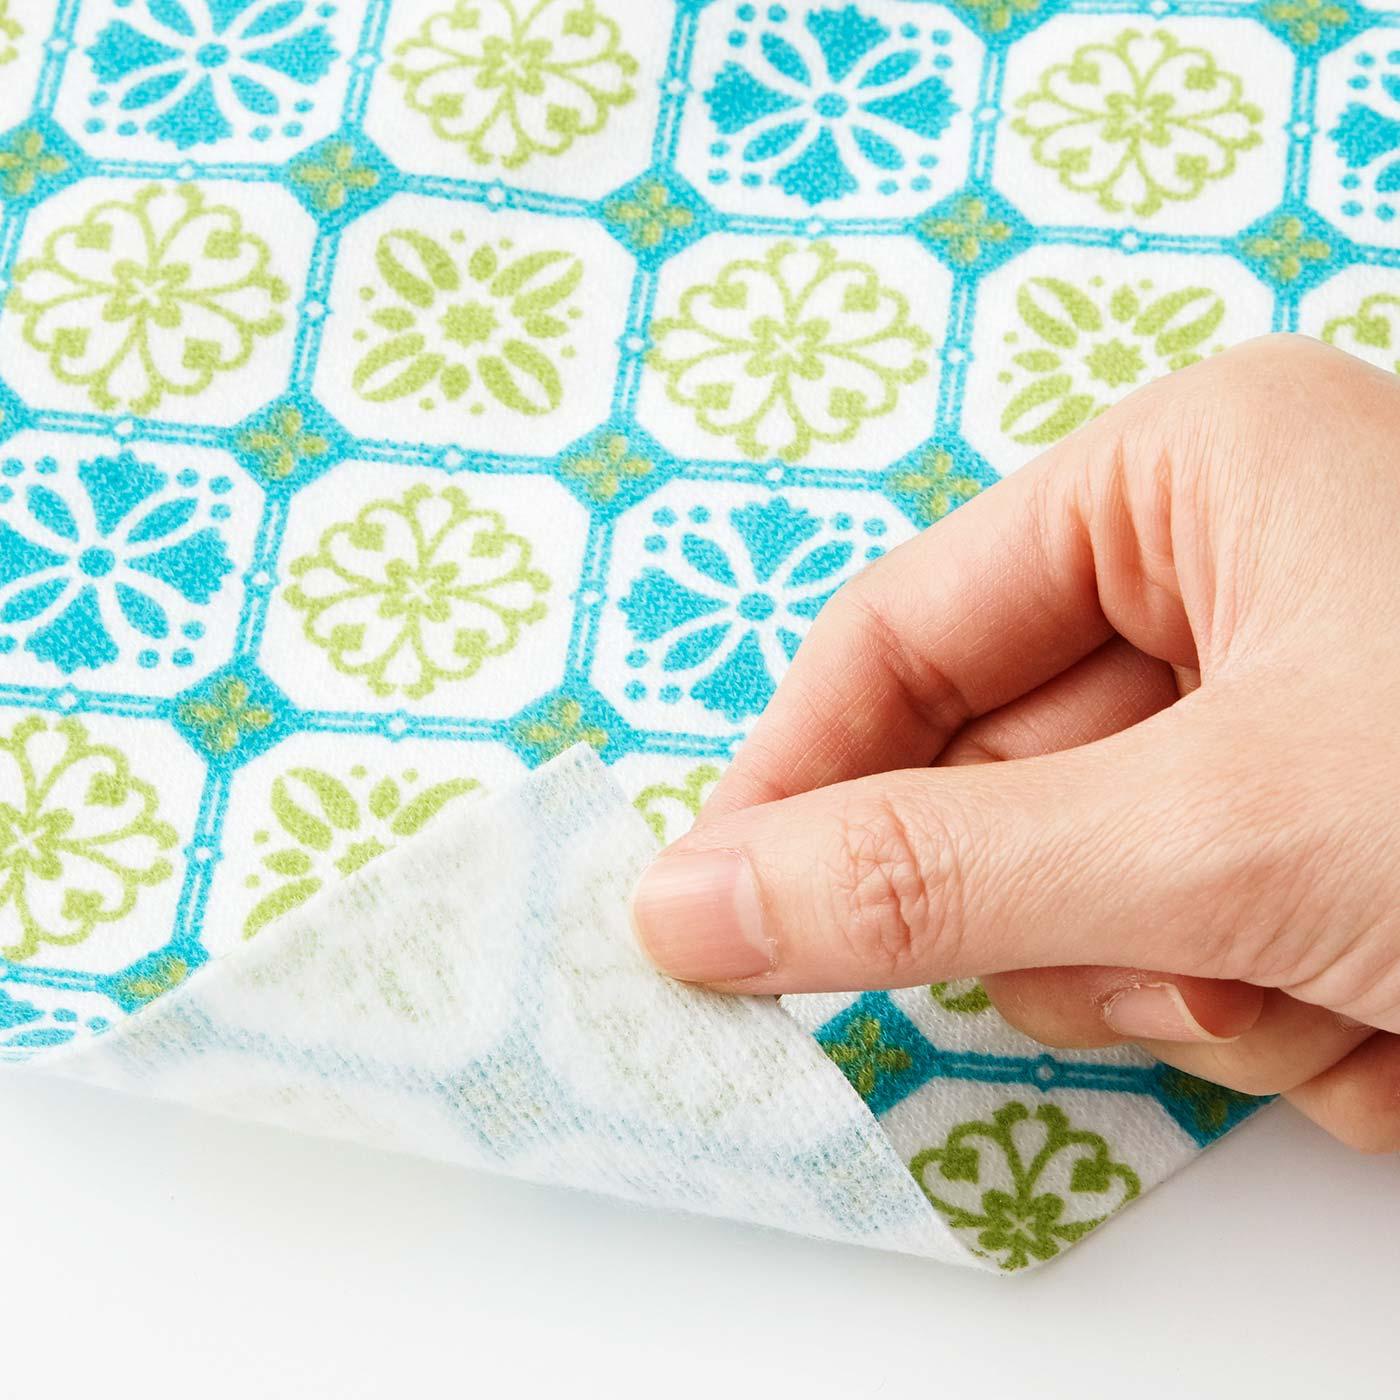 厚さ約1mmの不織布の裏面に消臭機能を加工しています。